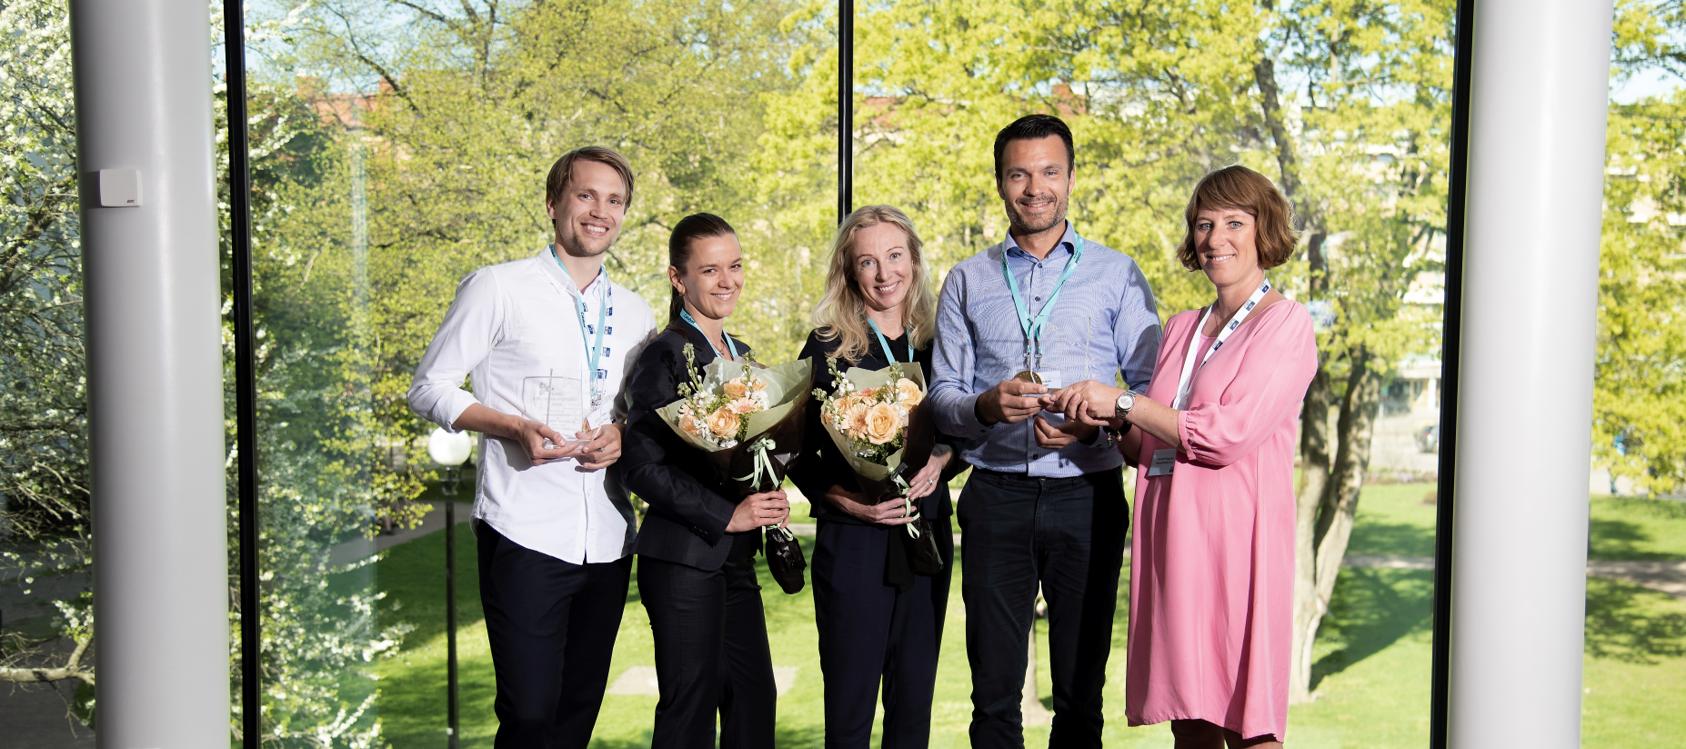 ÅretsHRsystemprojekt vinnare Nordnet & CatalystOne